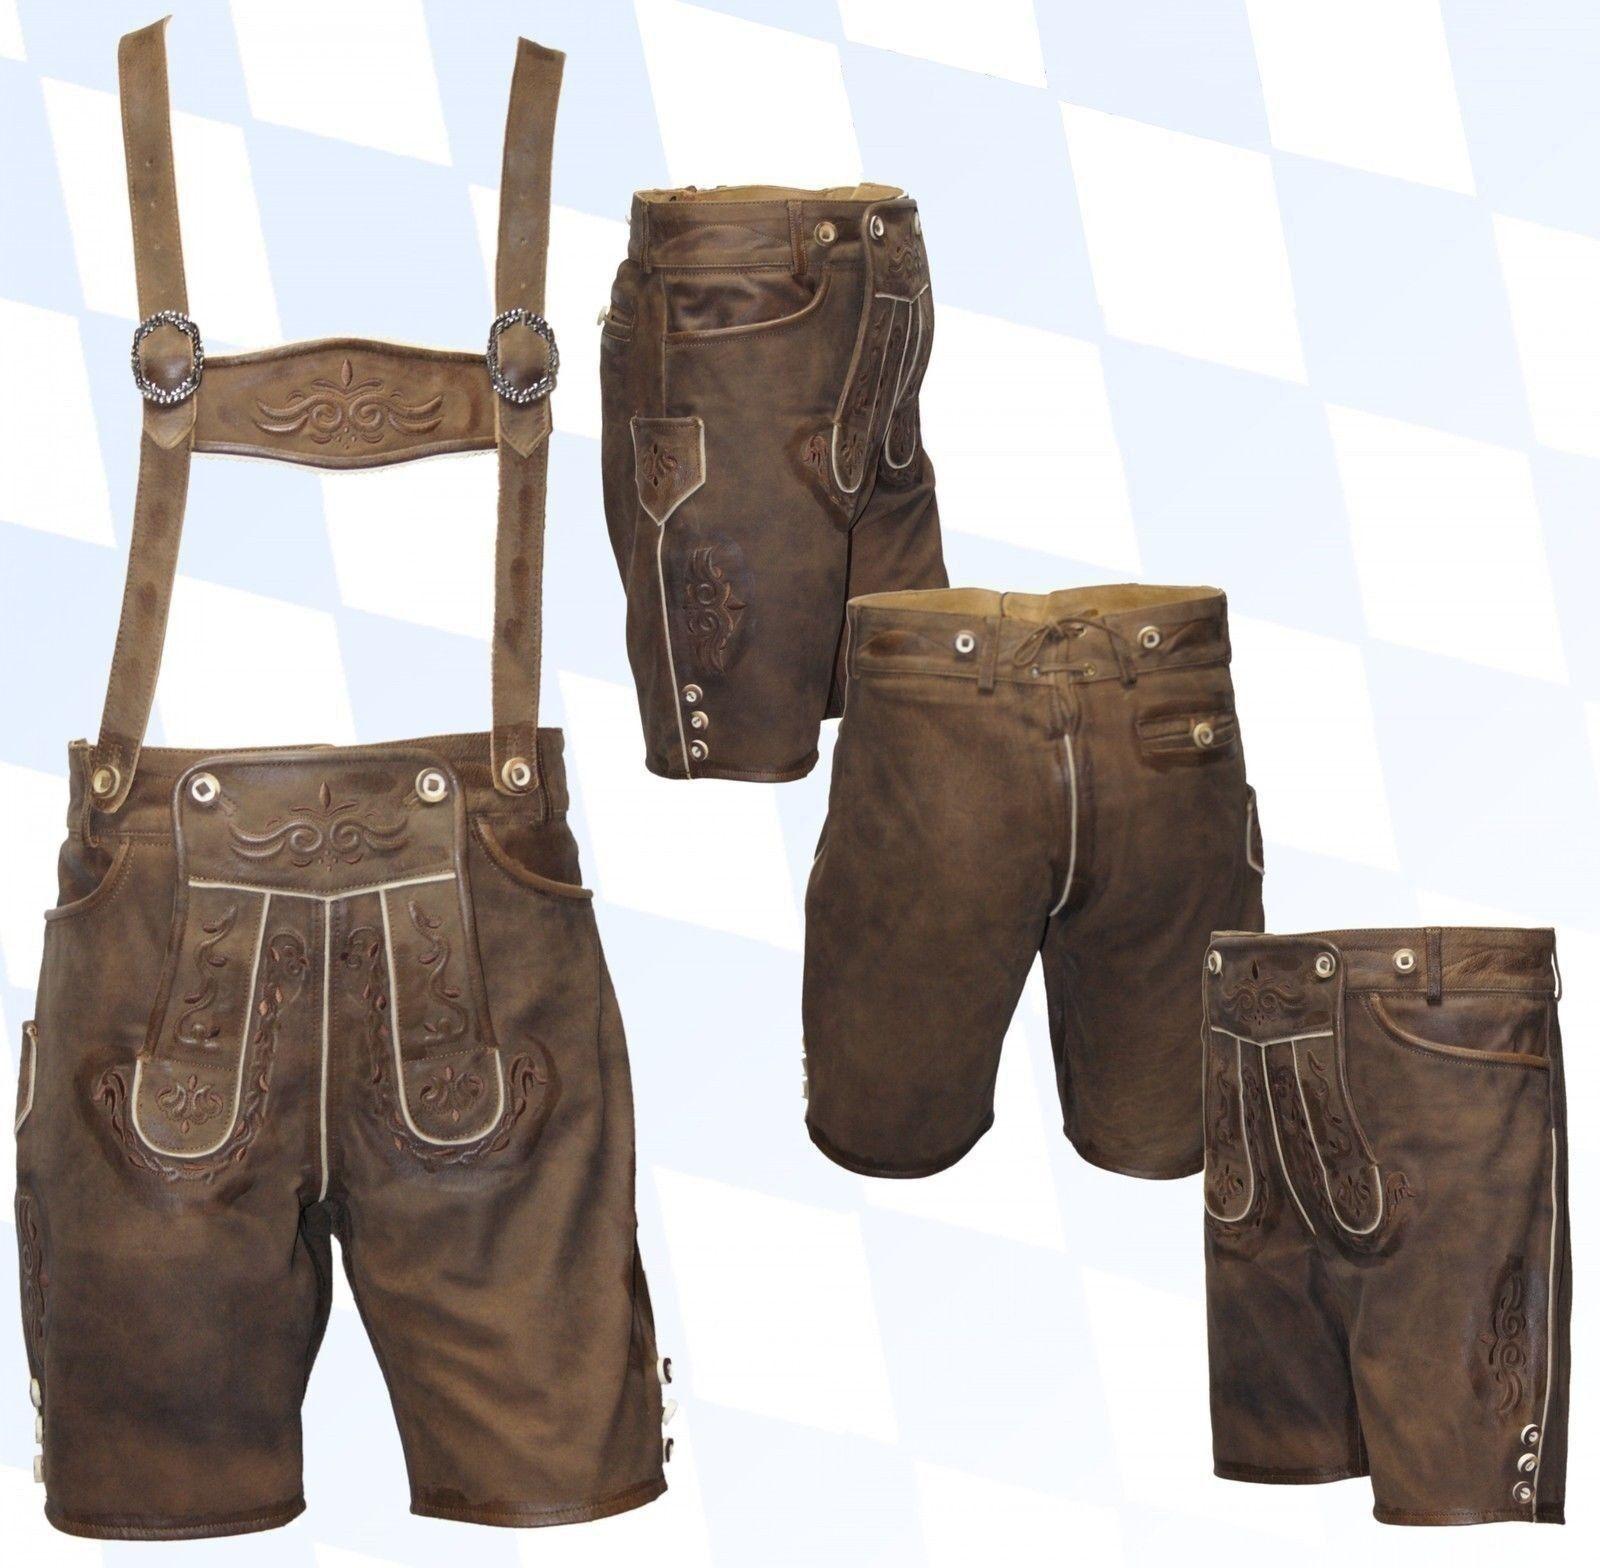 Kurze Trachtenlederhose + Träger Plattlerhose Lederhose im Used-Look | Bekannt für seine gute Qualität  | Verrückter Preis, Birmingham  | Tragen-wider  | Neuer Stil  | Günstig